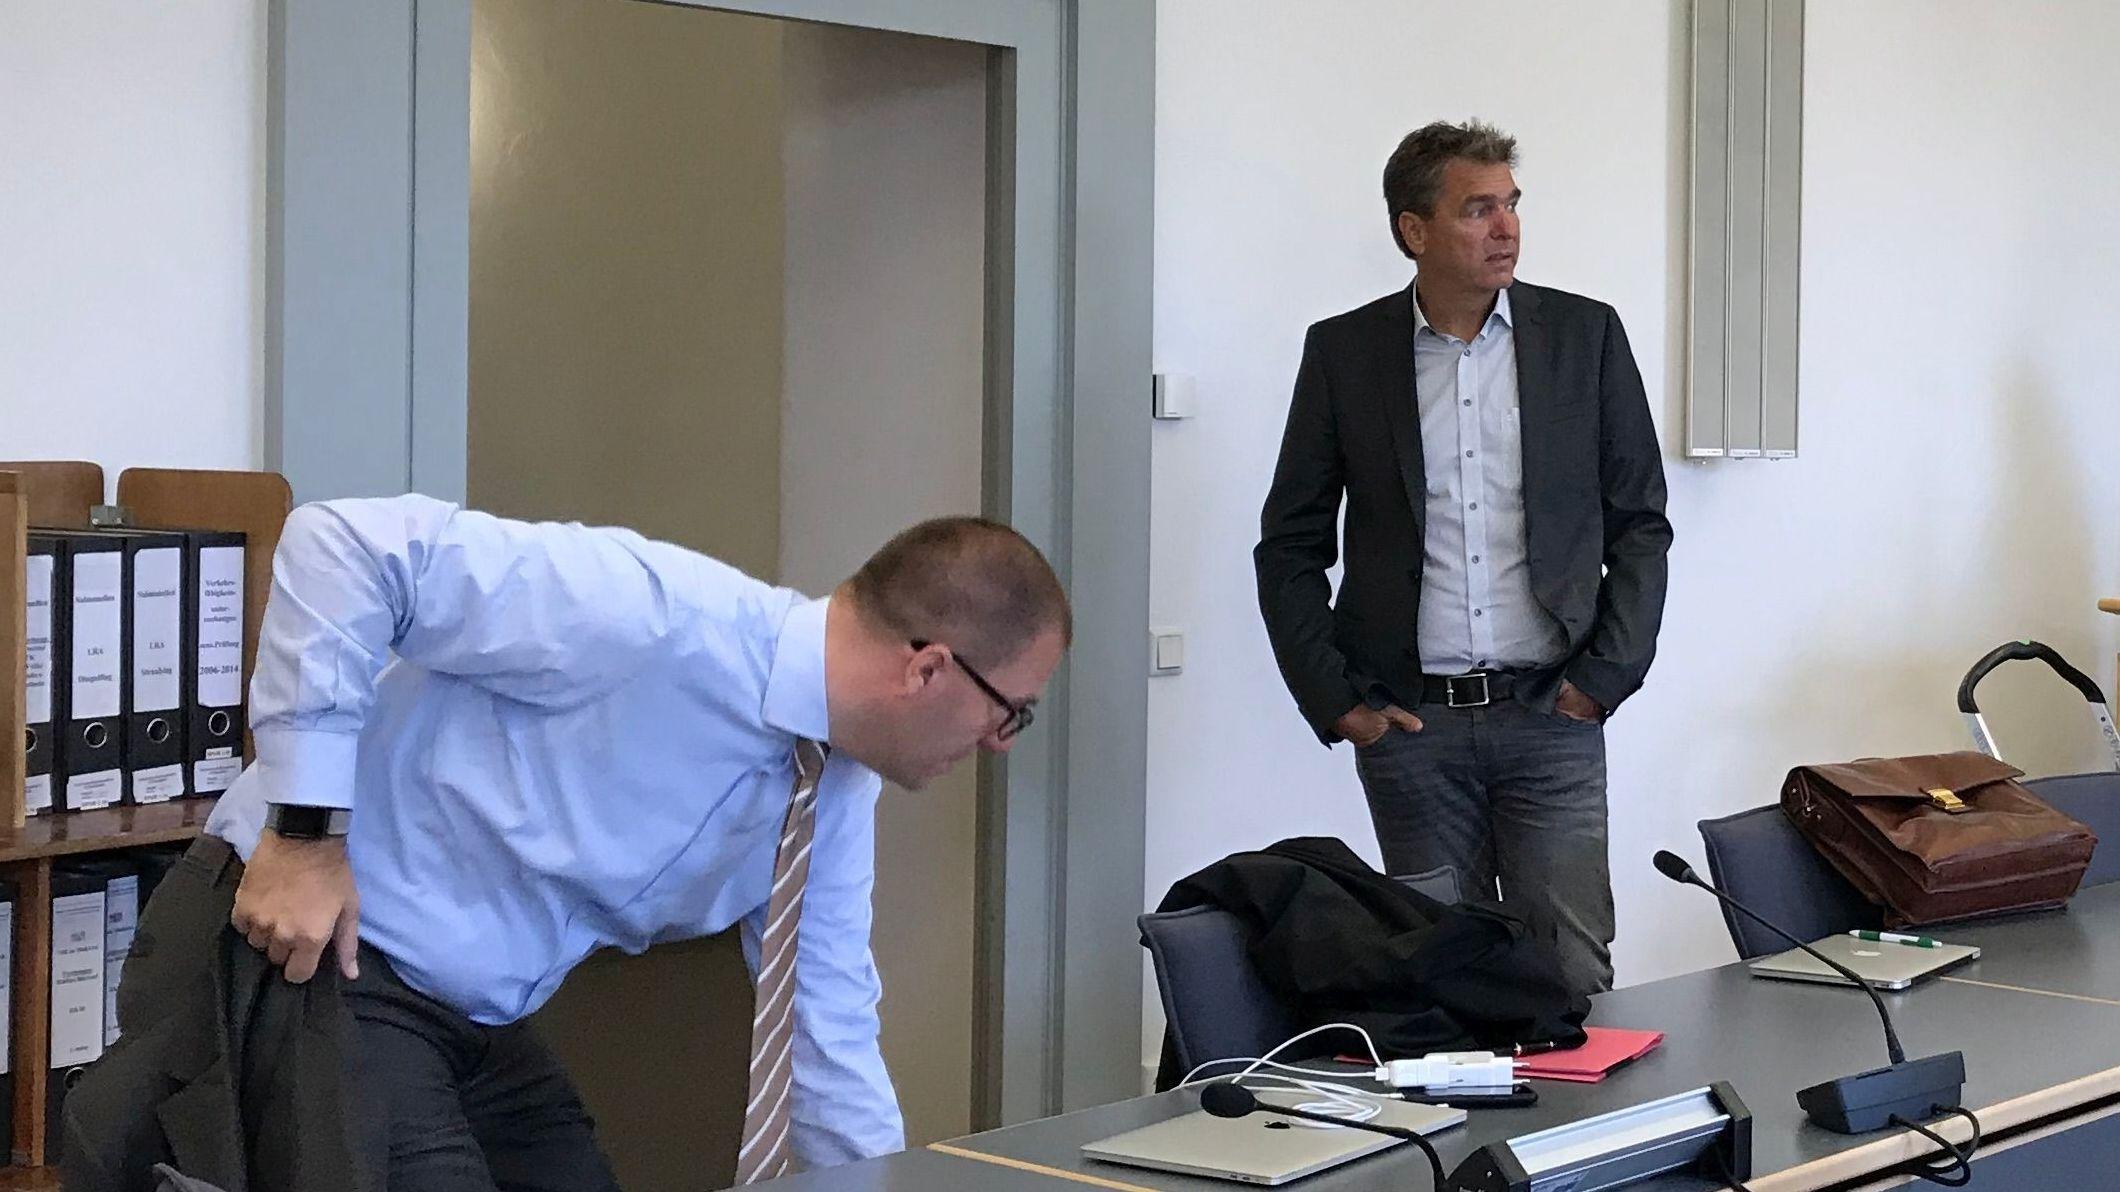 Der angeklagte Ex-Bayern-Ei-Chef Stefan Pohlmann (rechts) und sein Anwalt im Regensburger Gerichtssaal